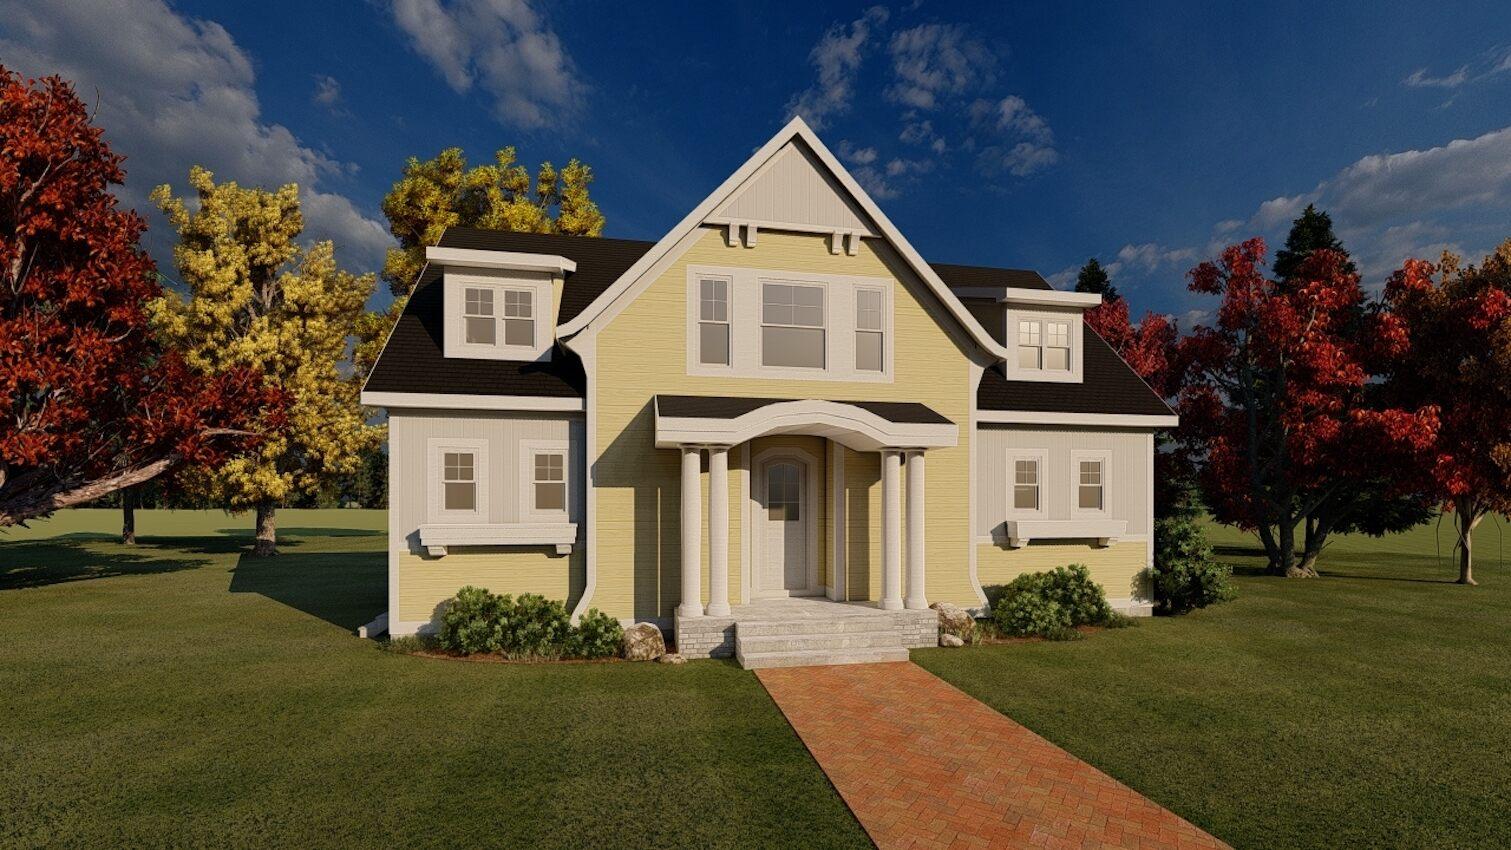 Small Home Design Architecture